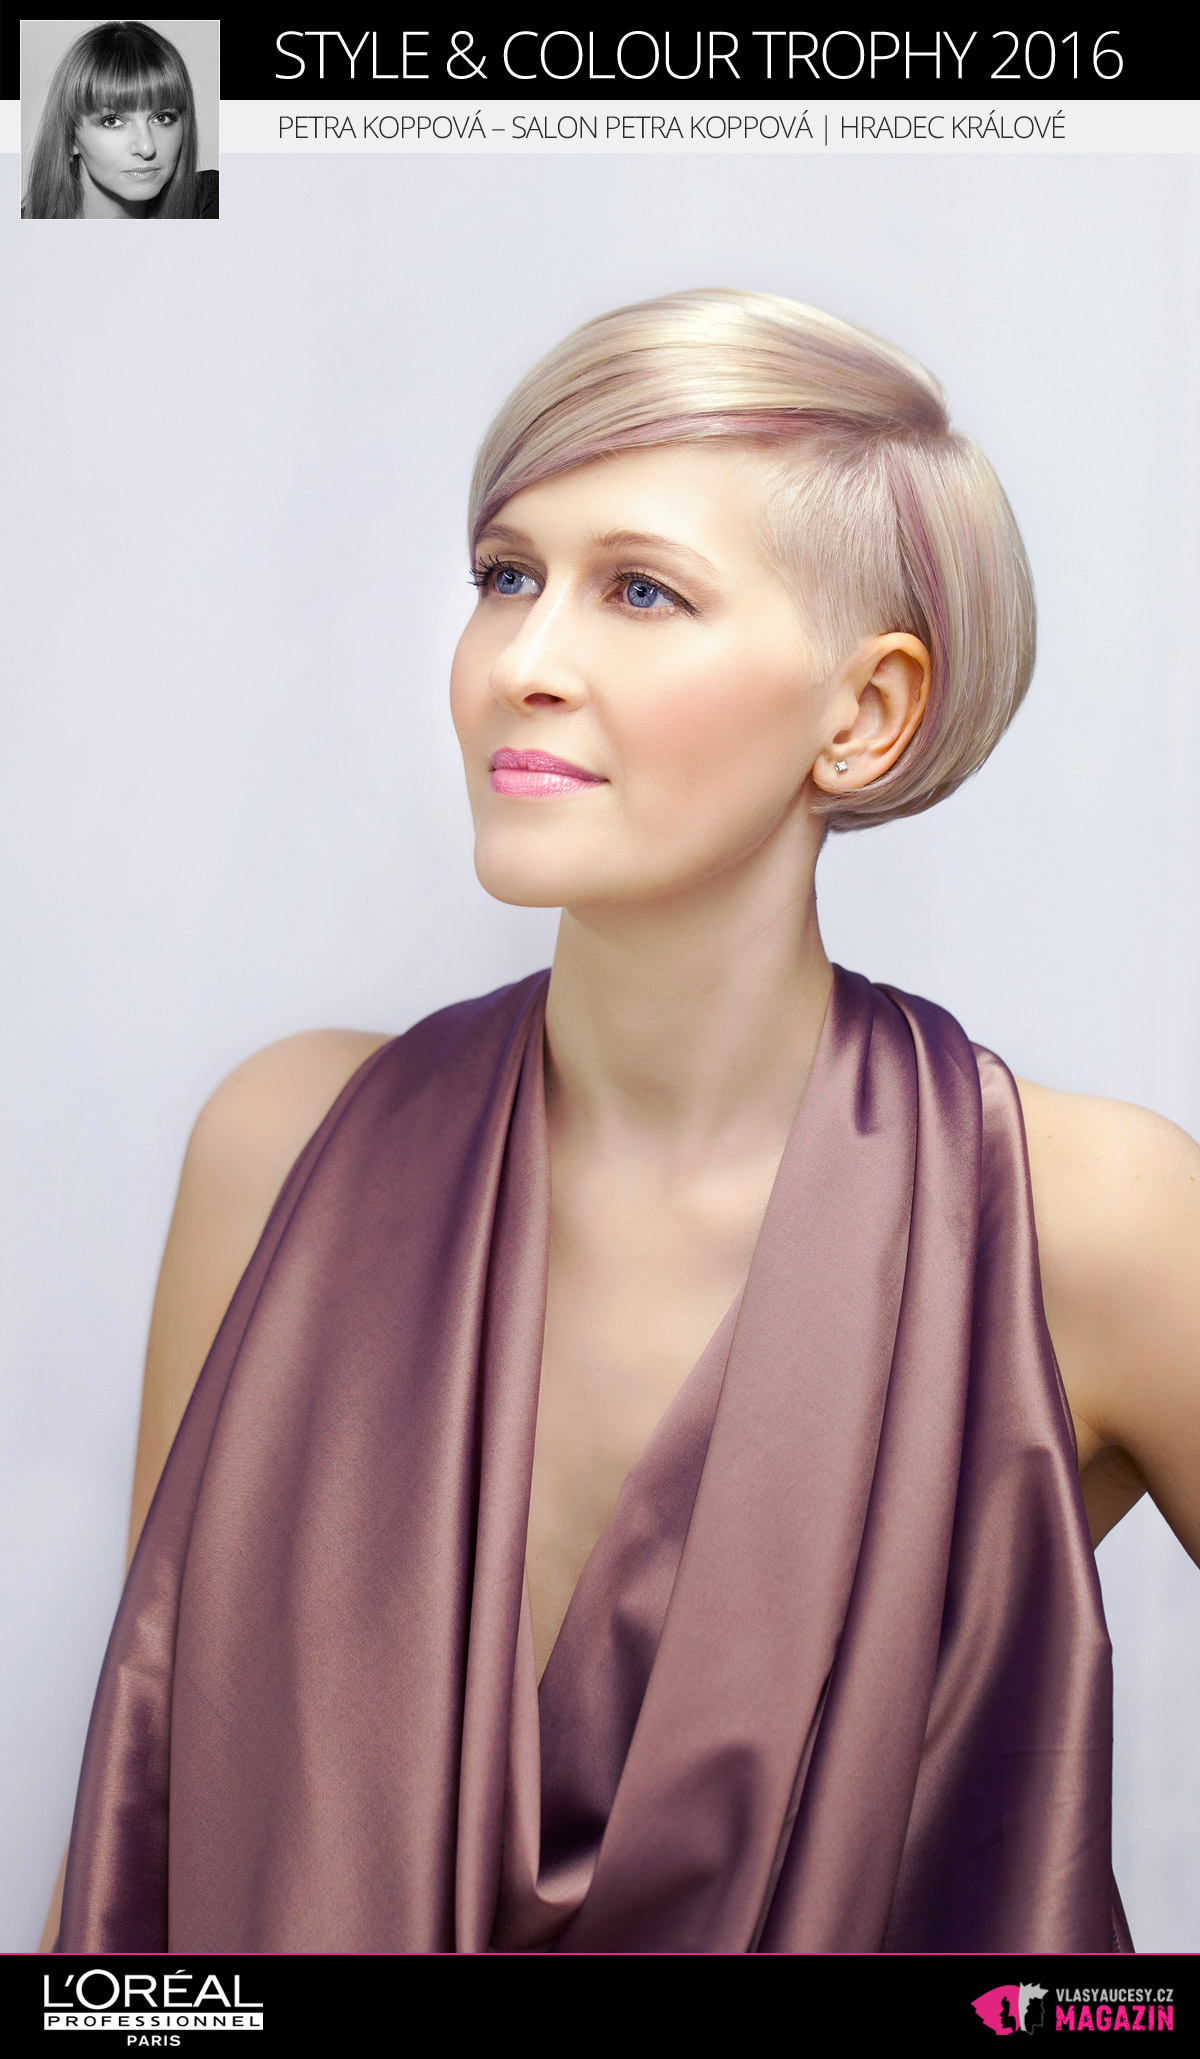 Petra Koppová – Salon Petra Koppová, Hradec Králové | L'Oréal Style & Colour Trophy 2016